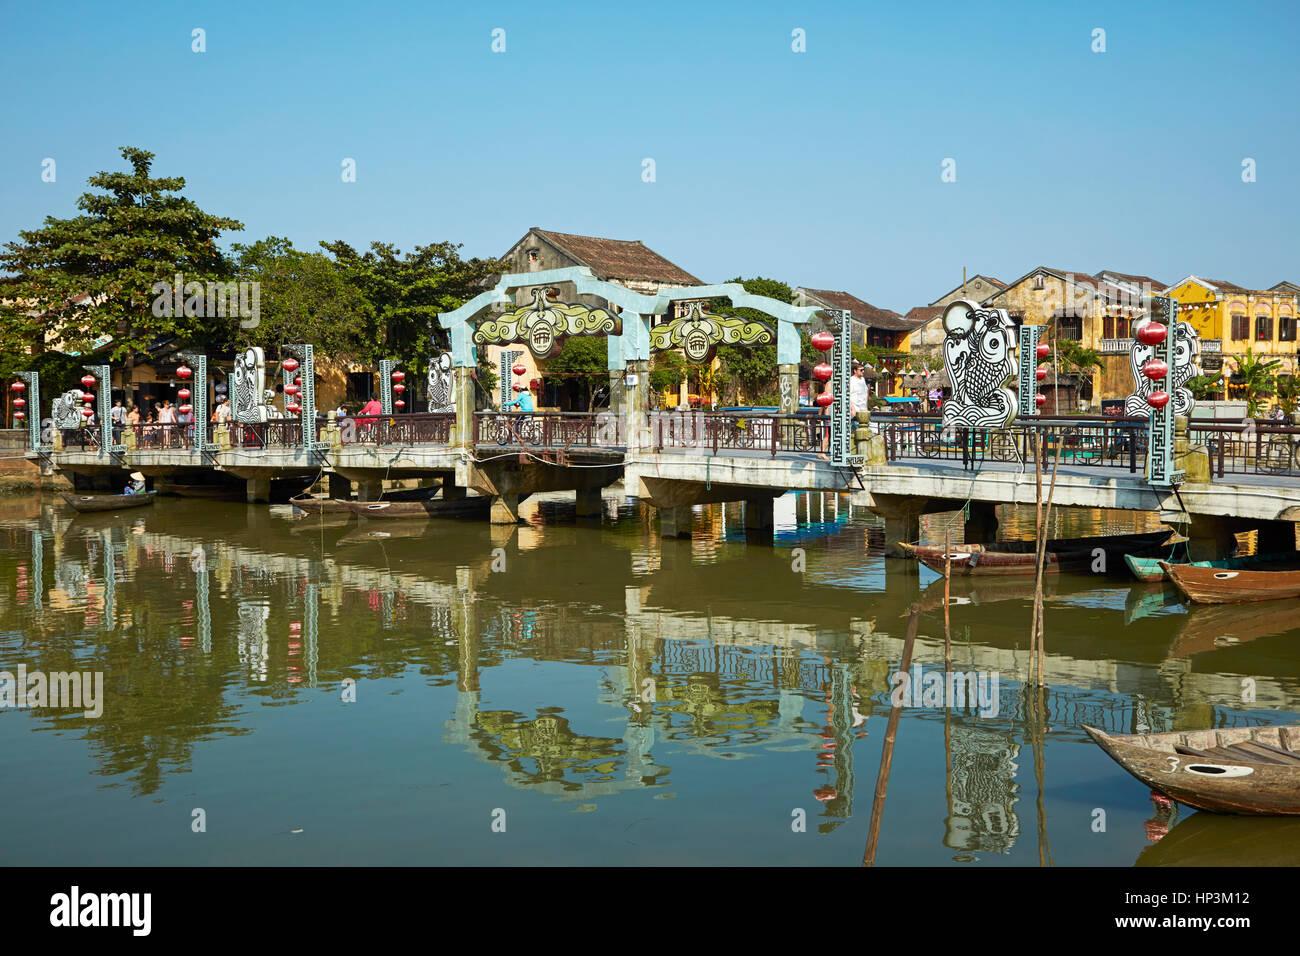 Pont sur la rivière Thu Bon, Hoi An (Site du patrimoine mondial de l'UNESCO), Vietnam Photo Stock